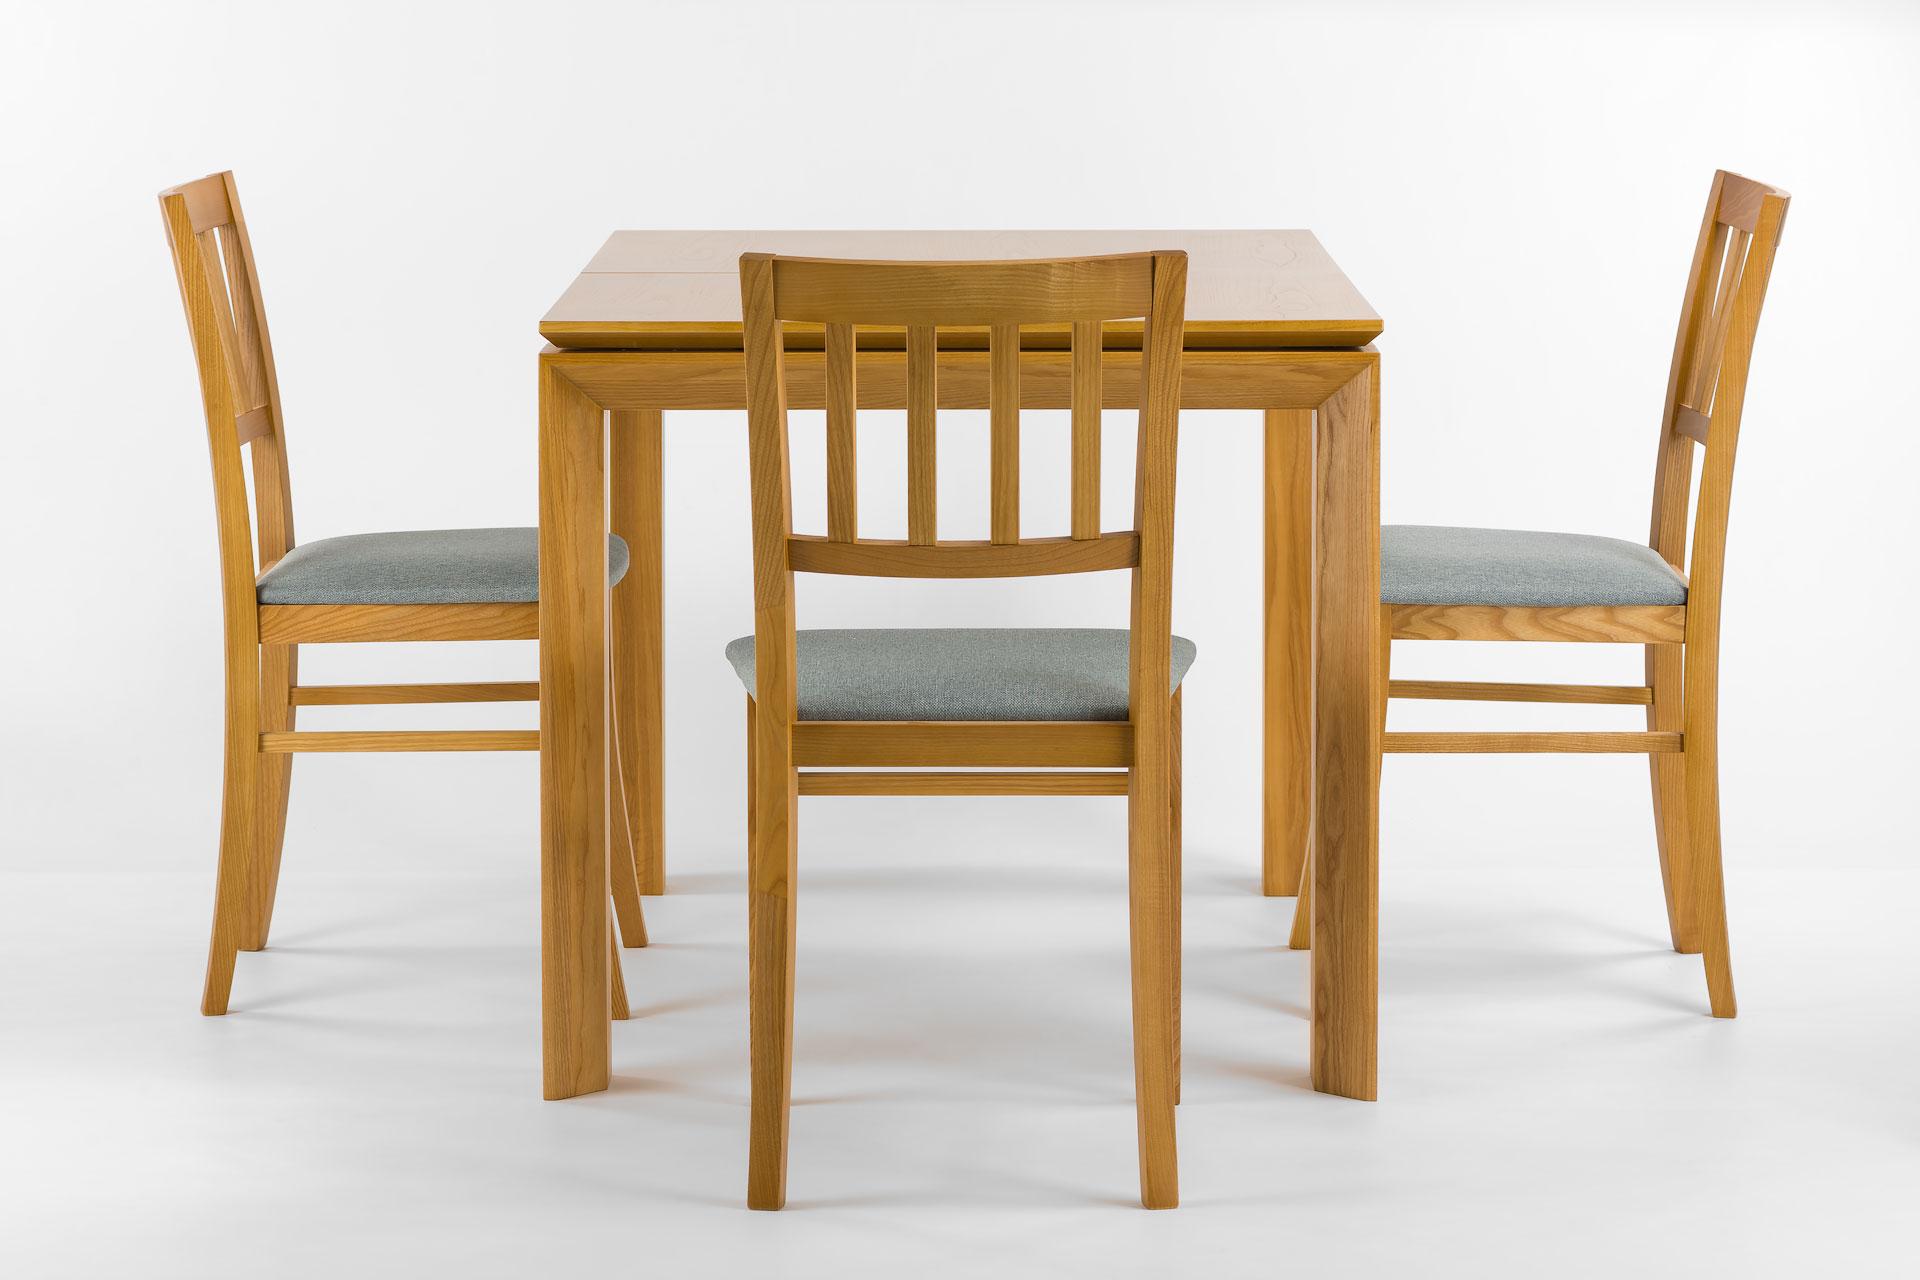 """Кухонный стол """"Милан-люкс"""" со шпонированной столешницей SE1405 и белой вставкой + стулья"""